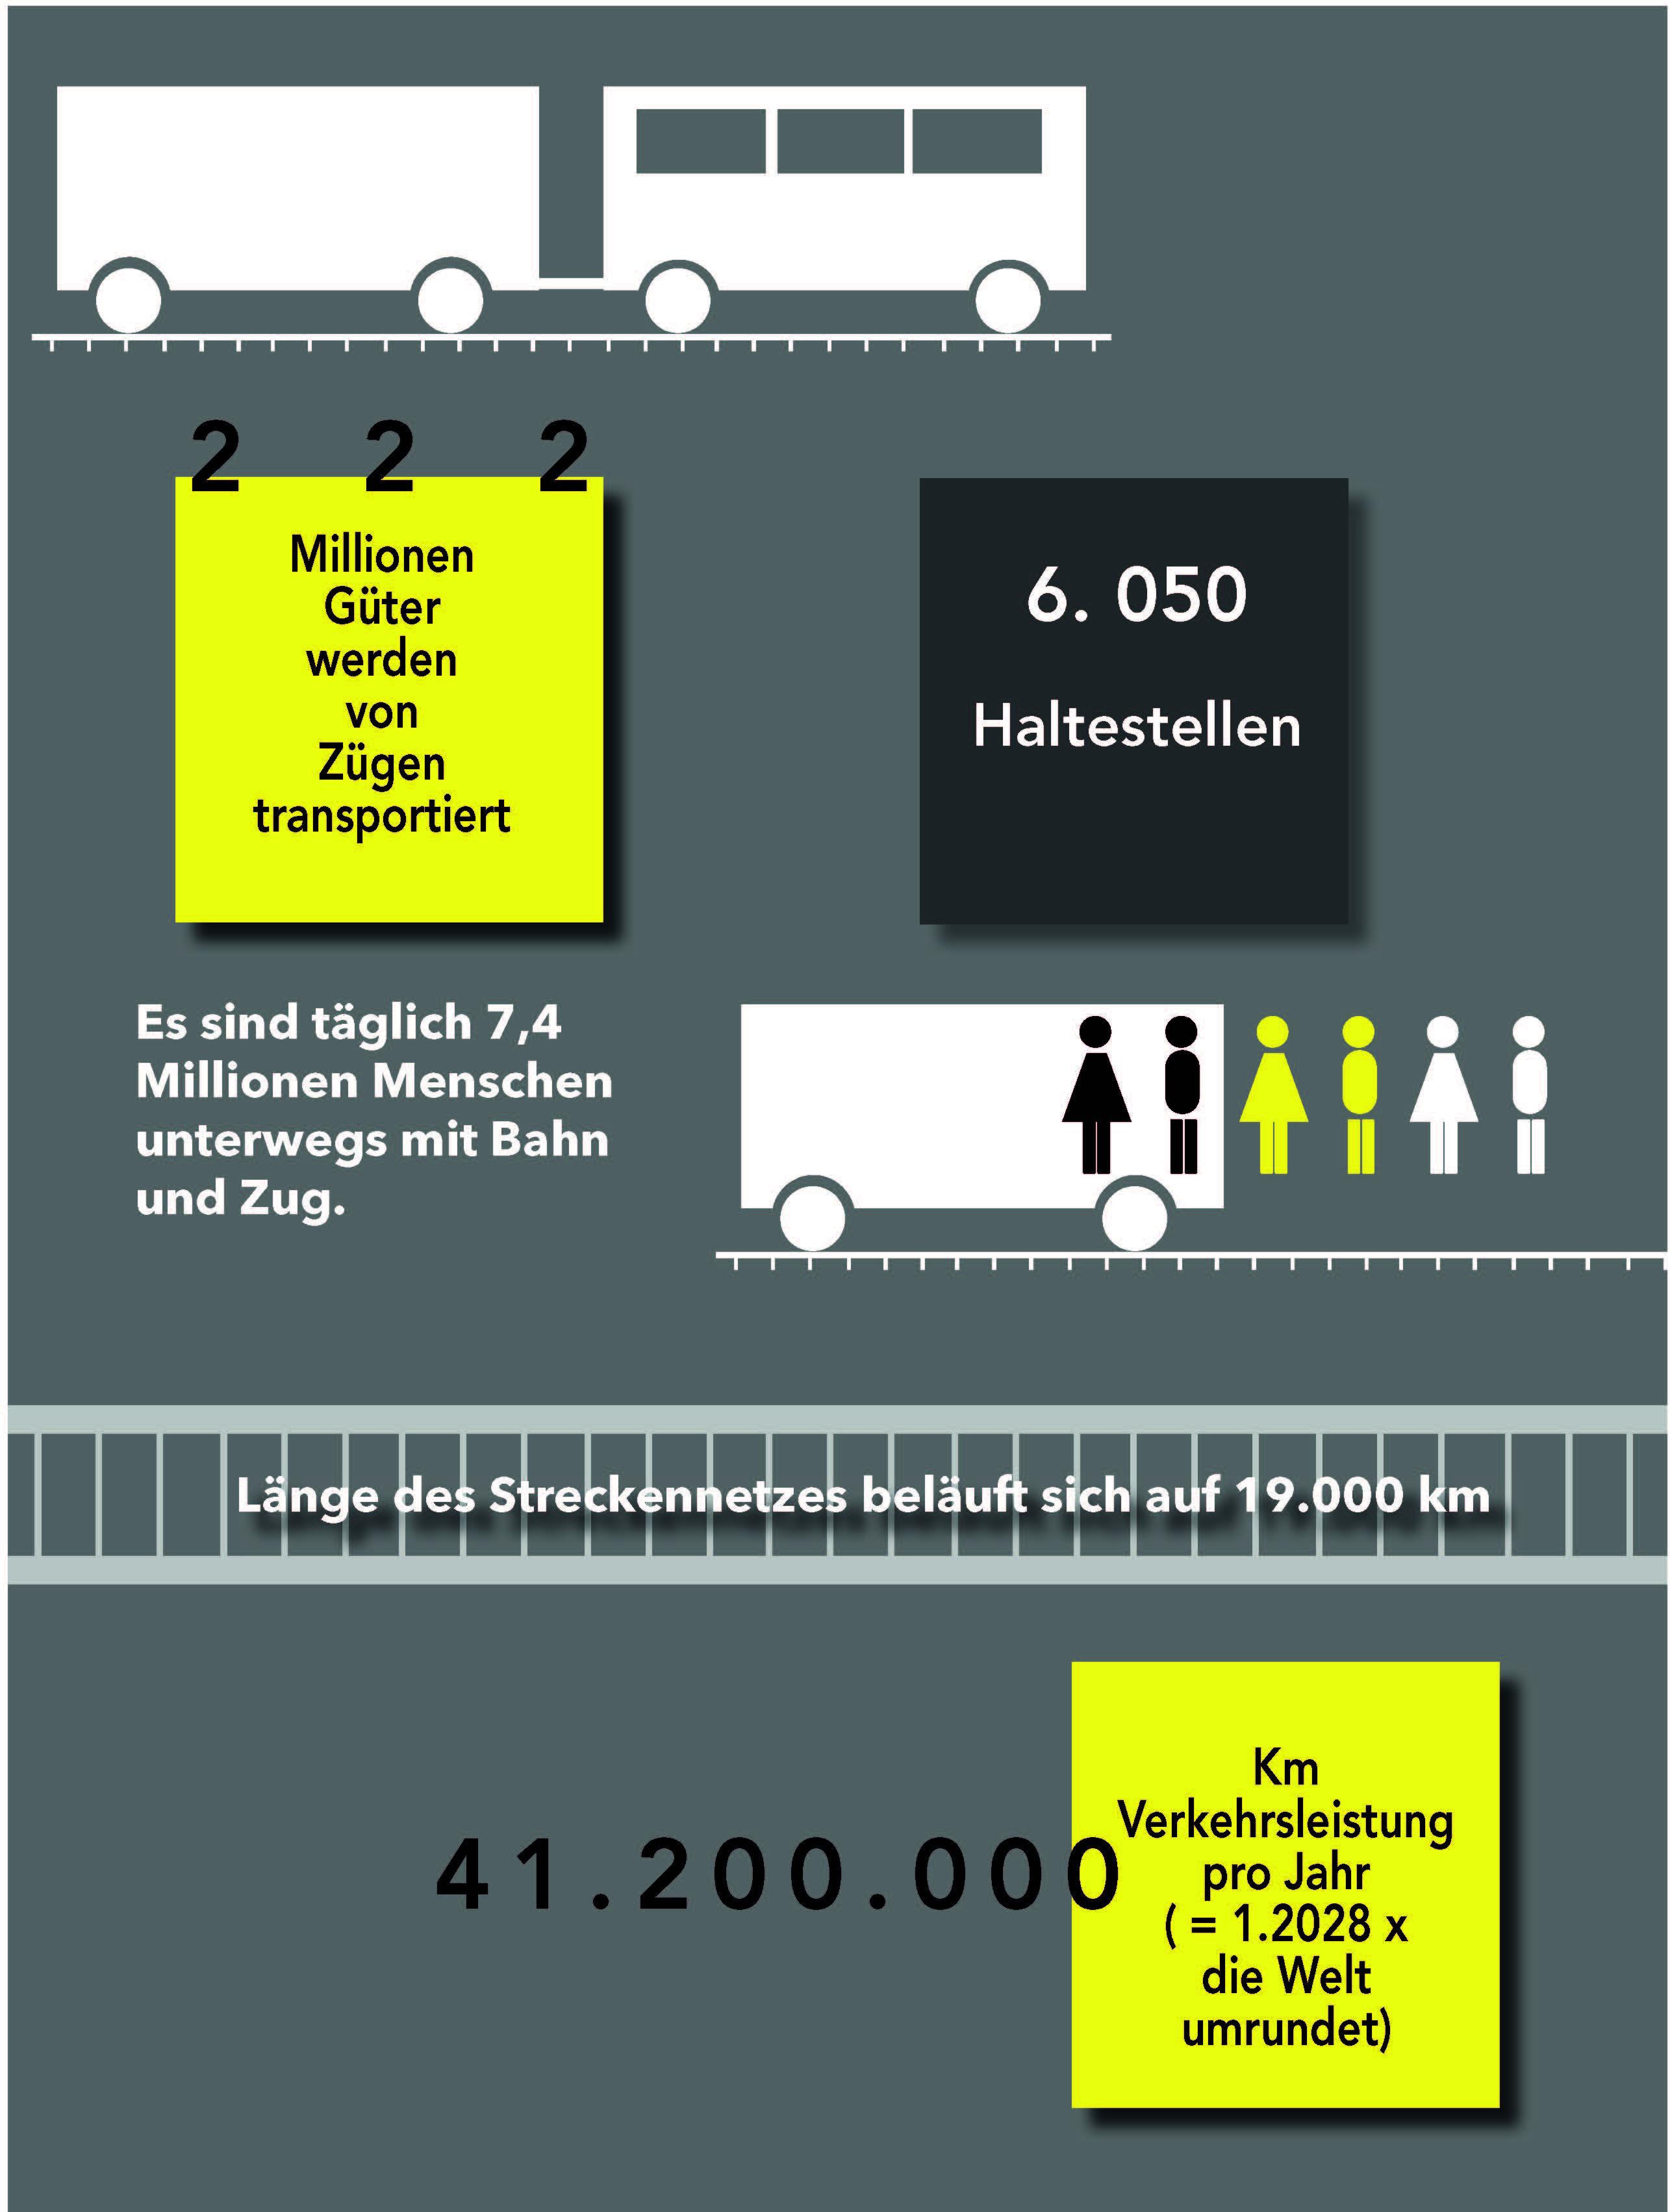 Infografik die über diverse Fakten der Deutschen Bahn aufklärt